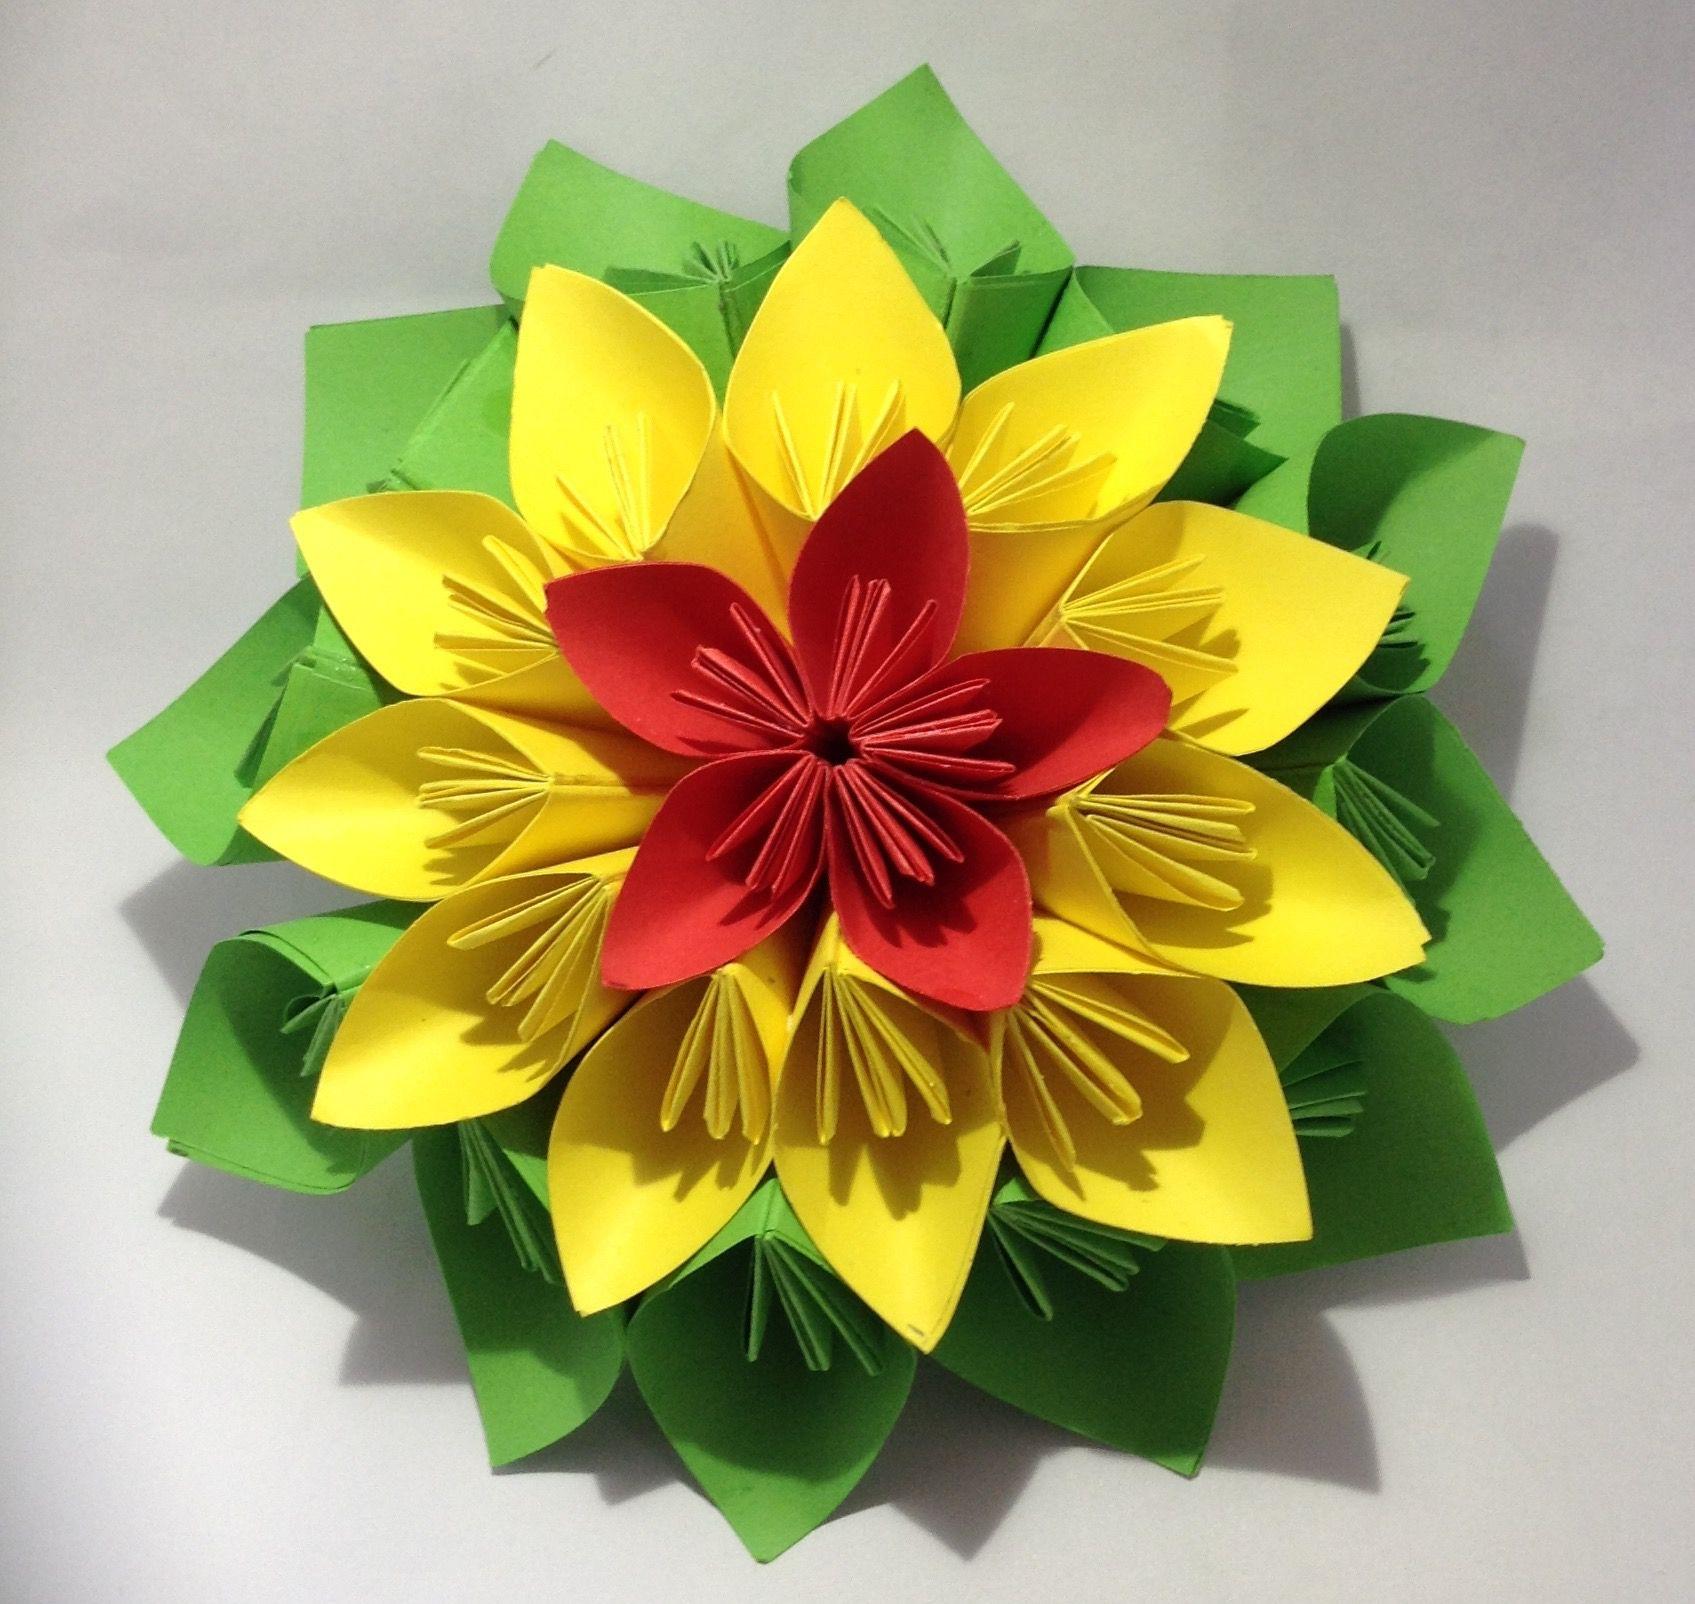 Origami Flower Origami Handcrafted Paper Papercraft Flowers Fleurs En Papier Fleurs Papier